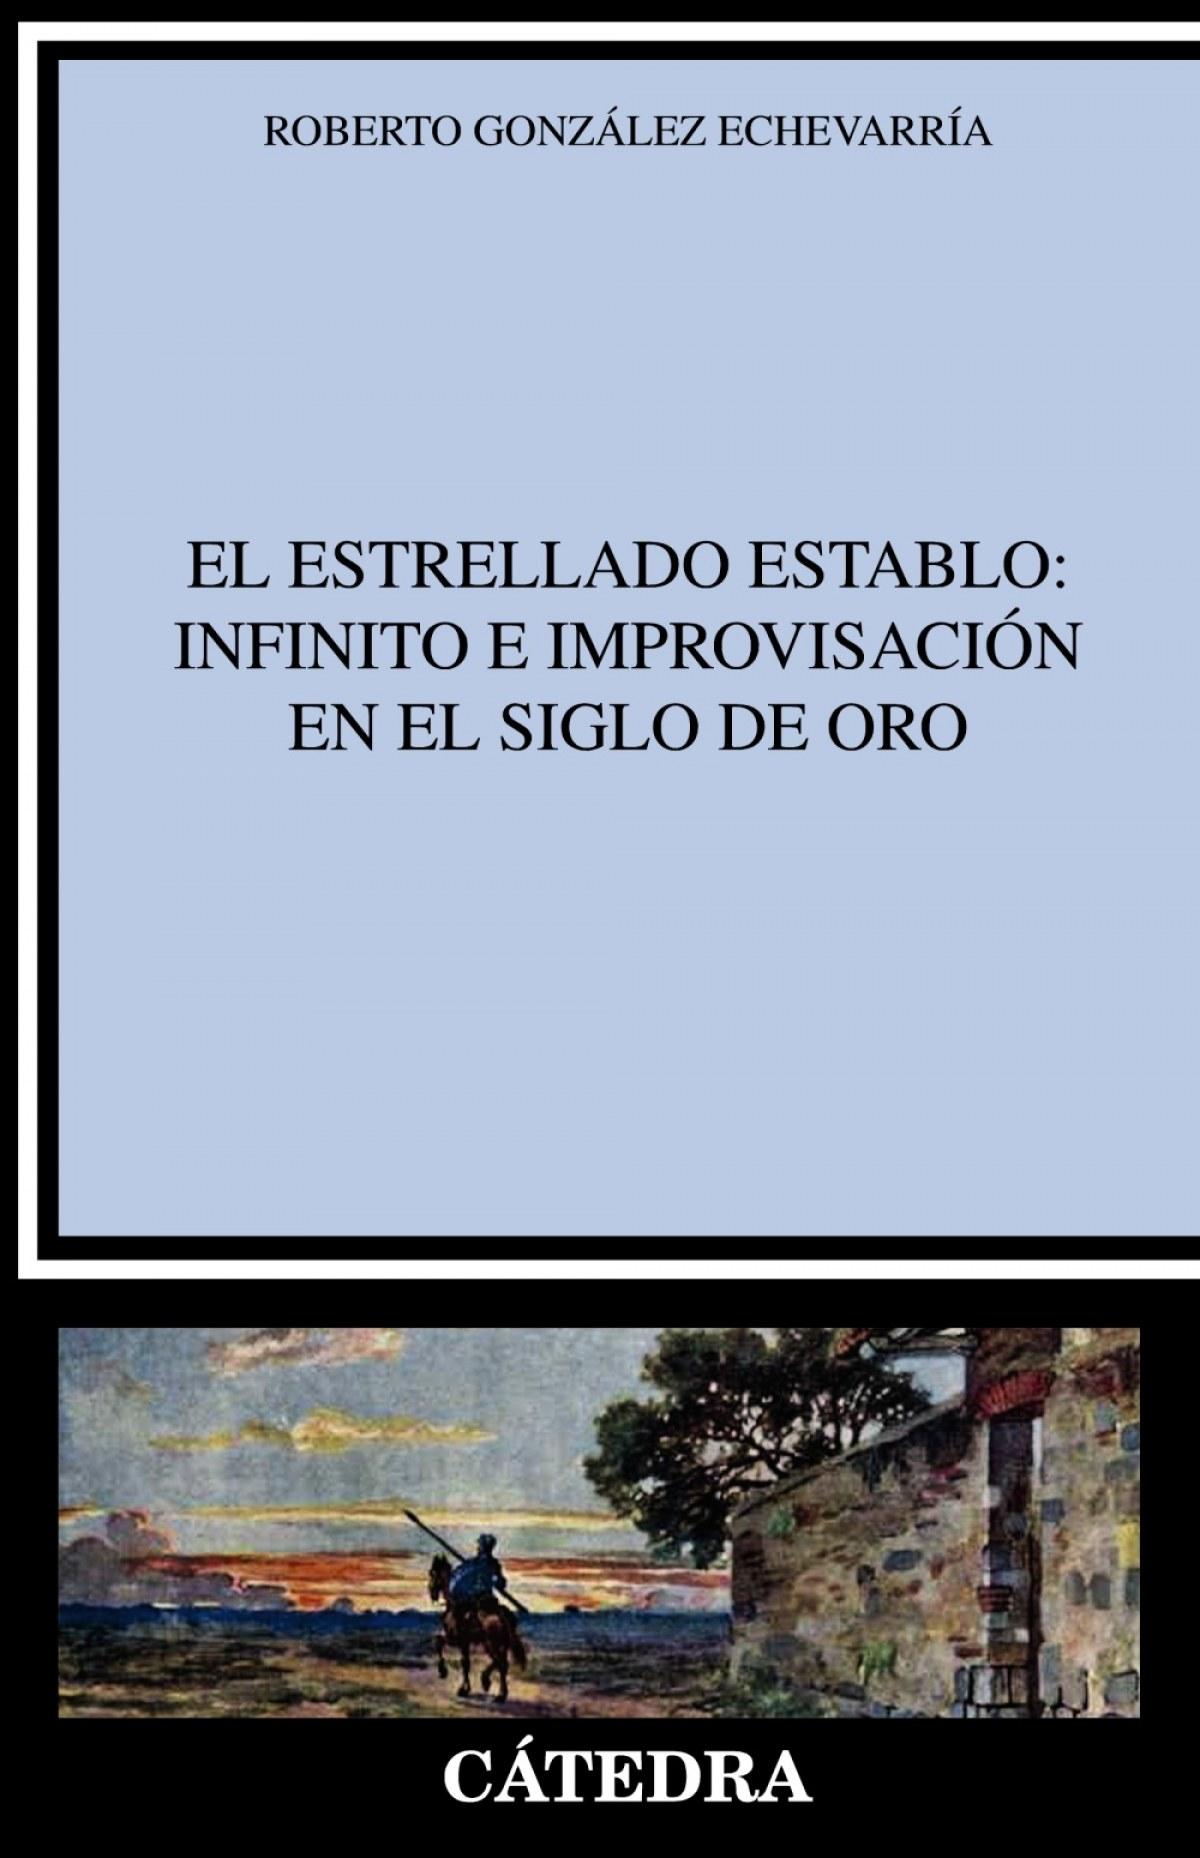 EL ESTRELLADO ESTABLO